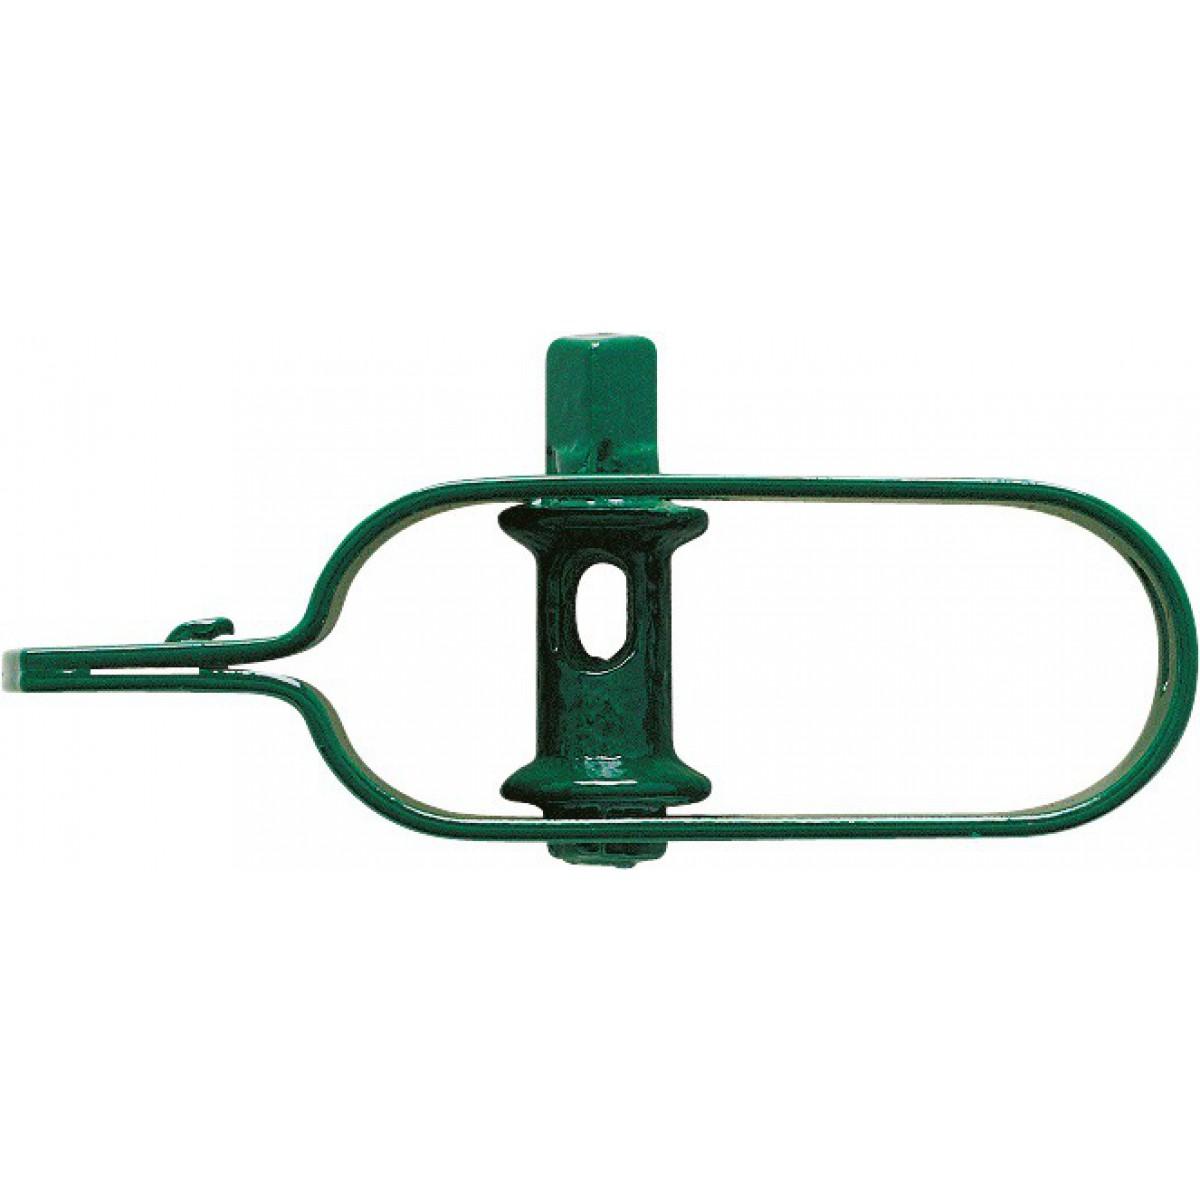 Raidisseur plastifié N°3 Filiac - Diamètre fil 2,7 à 3,1 mm - Vert